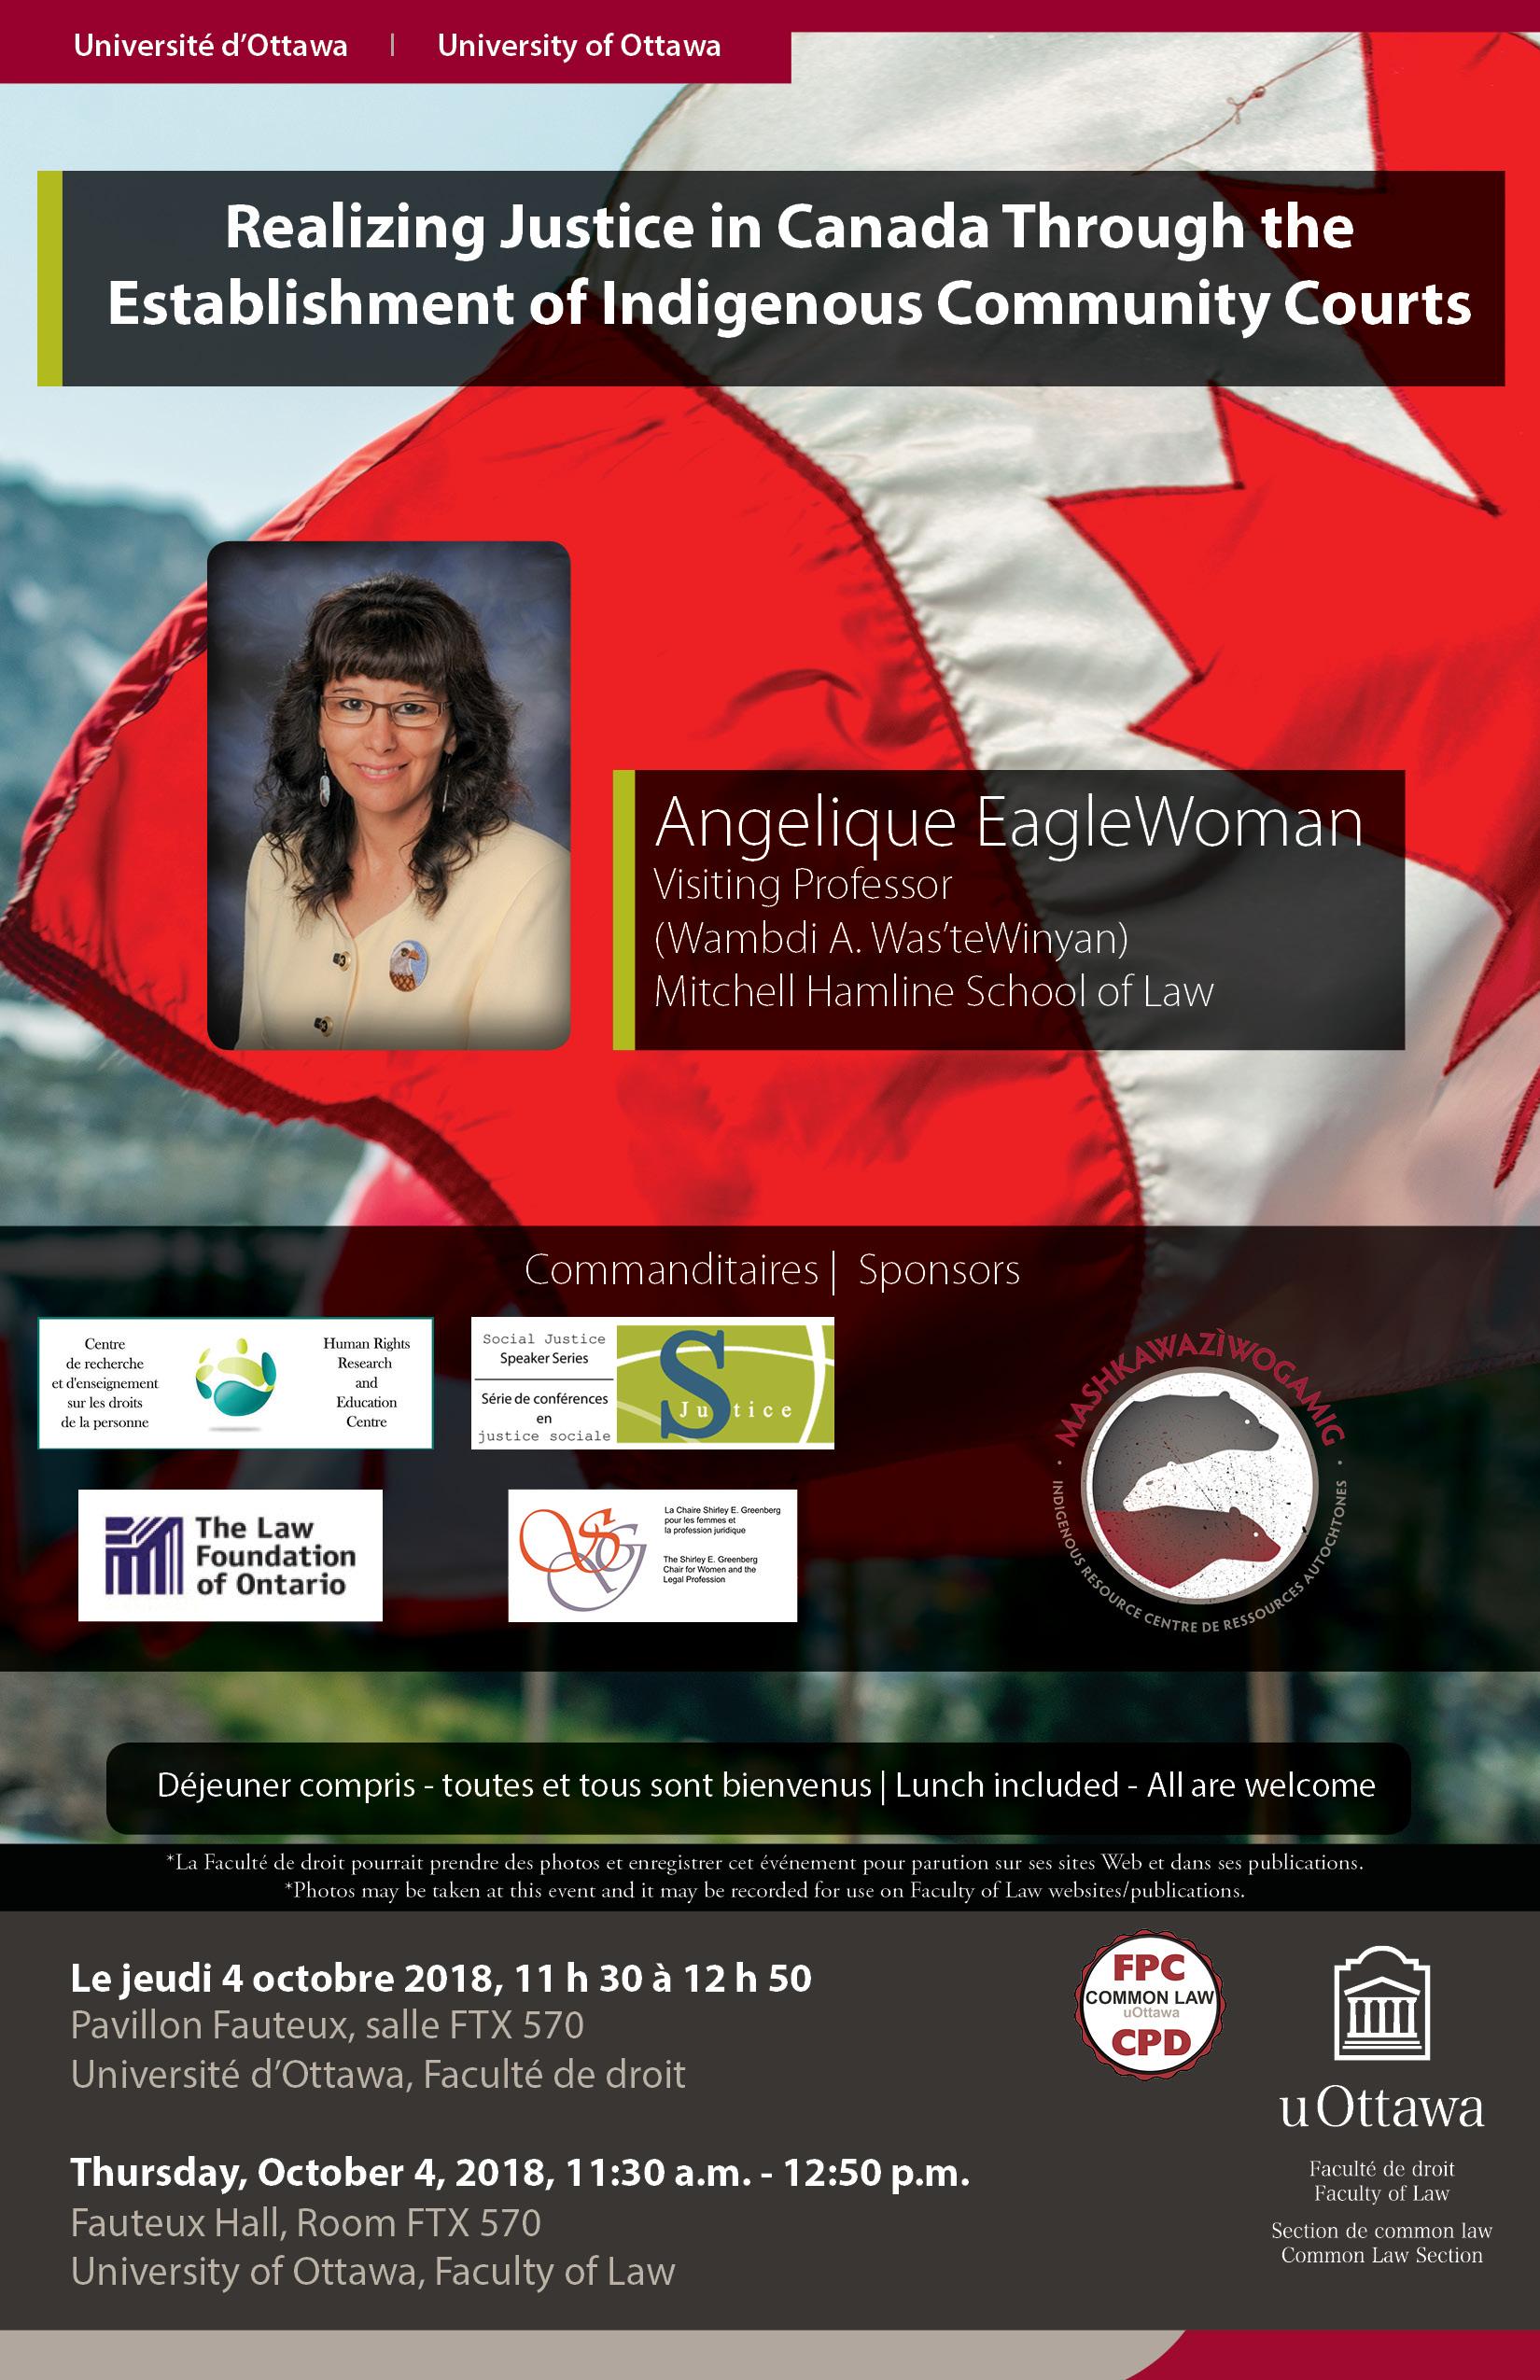 Presentation - Angelique EagleWoman